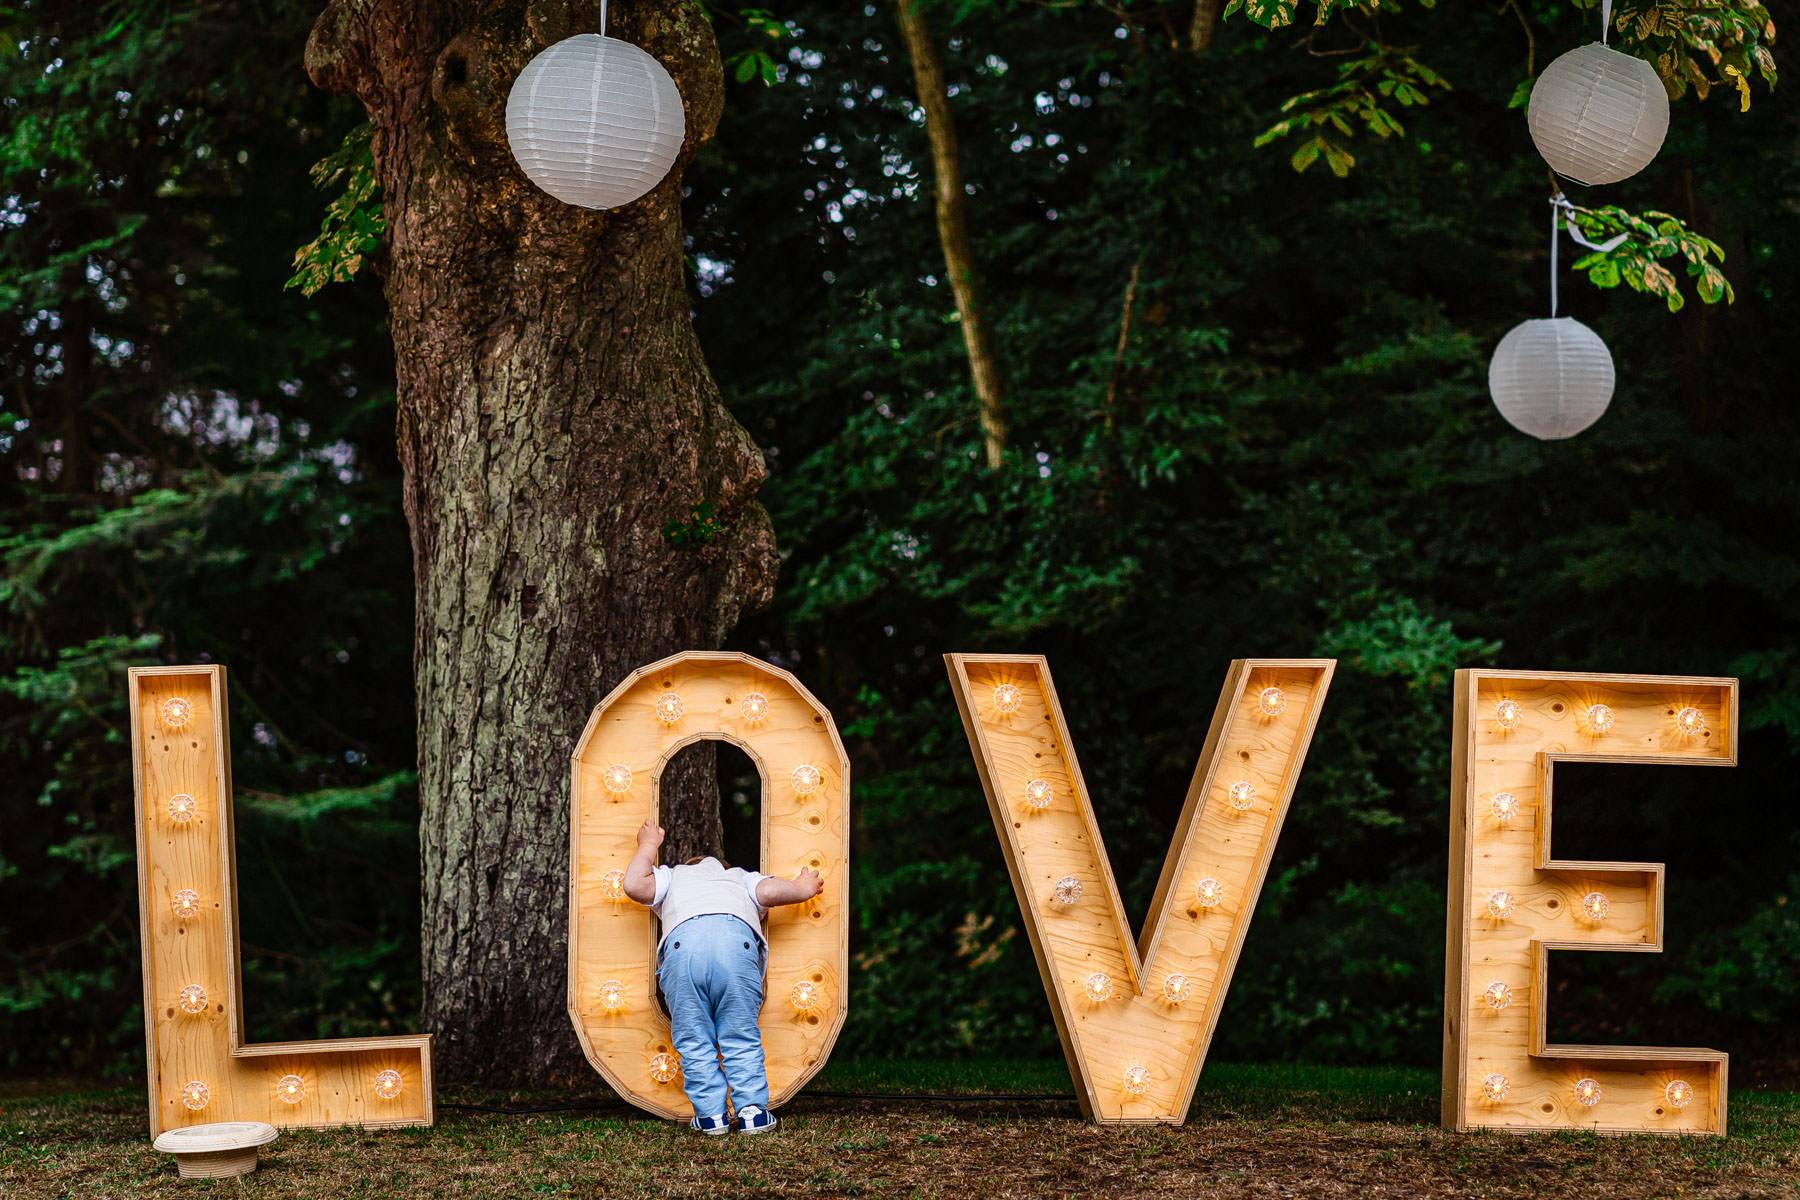 Grappige trouwfoto | Beste bruidsfotografie | Mooiste trouwfoto